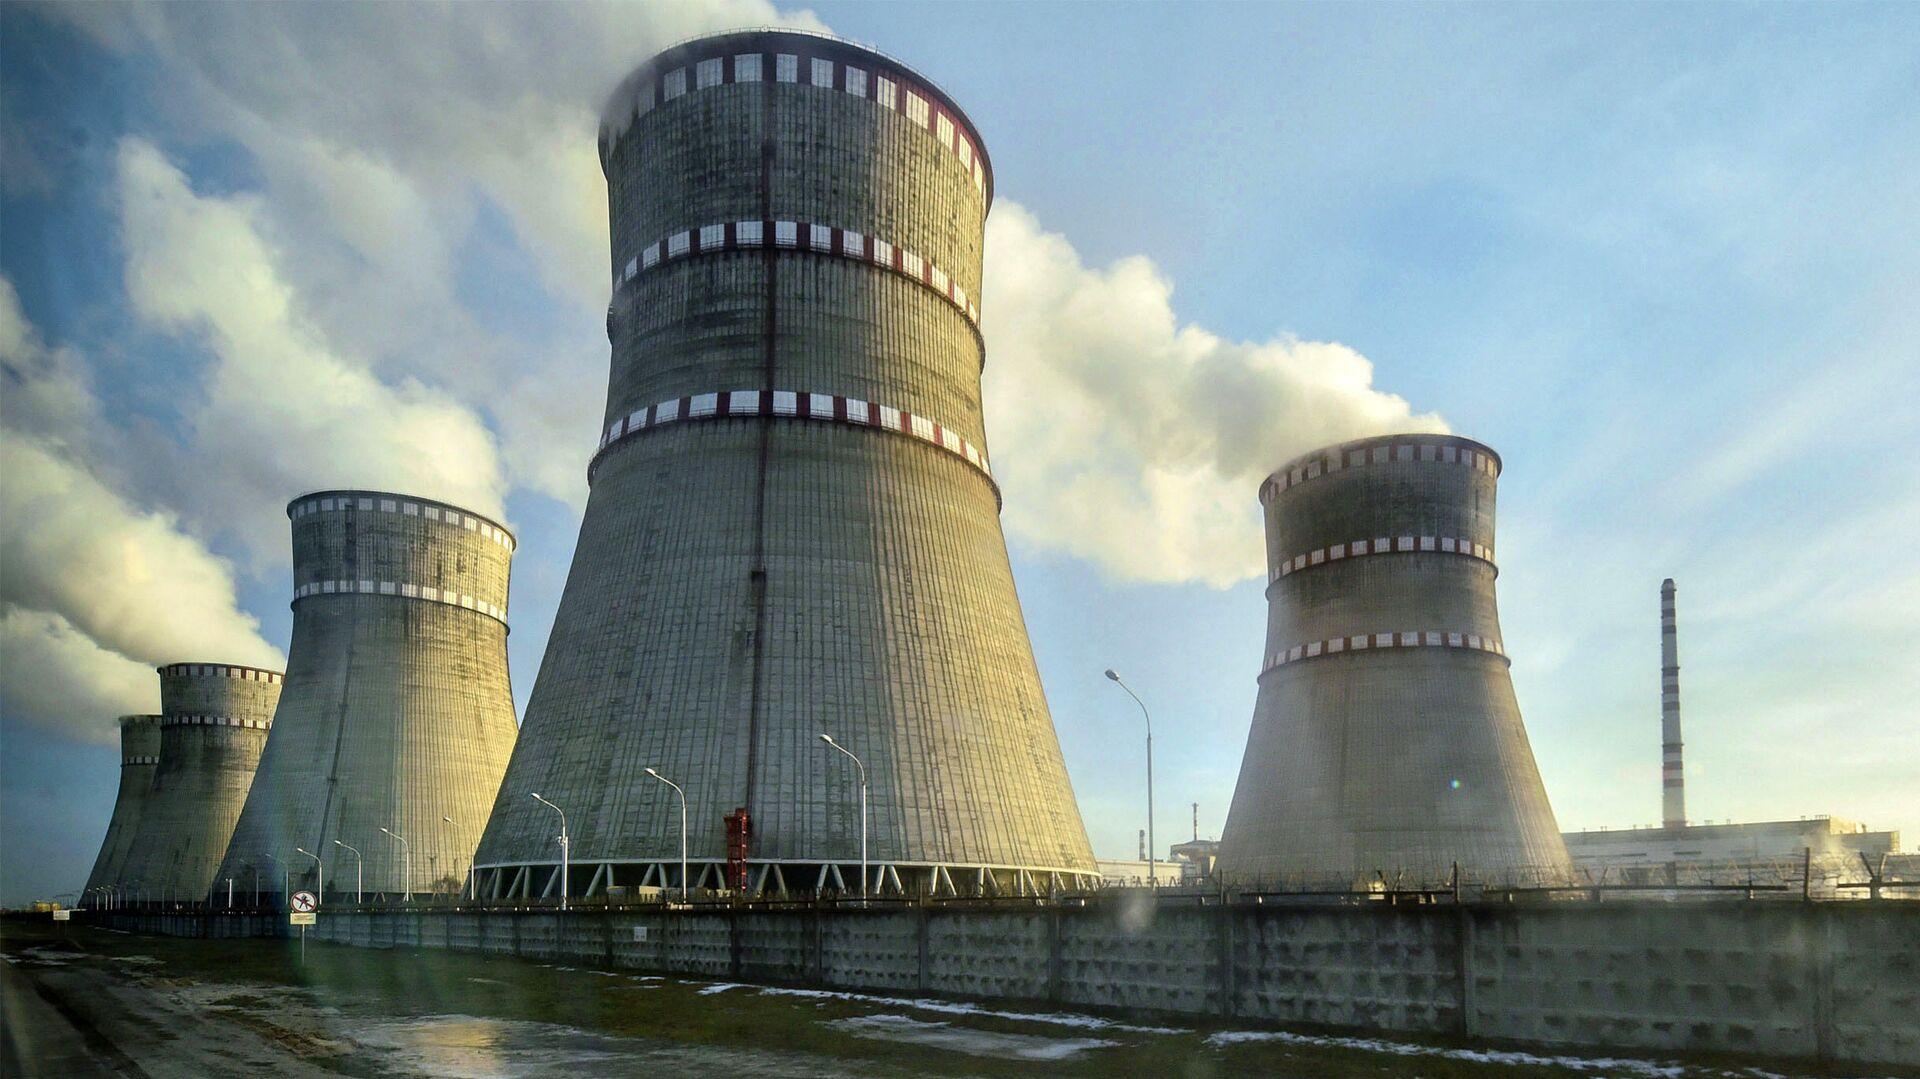 Ровенская атомная электростанция в Кузнецовске, Украина - РИА Новости, 1920, 22.01.2021